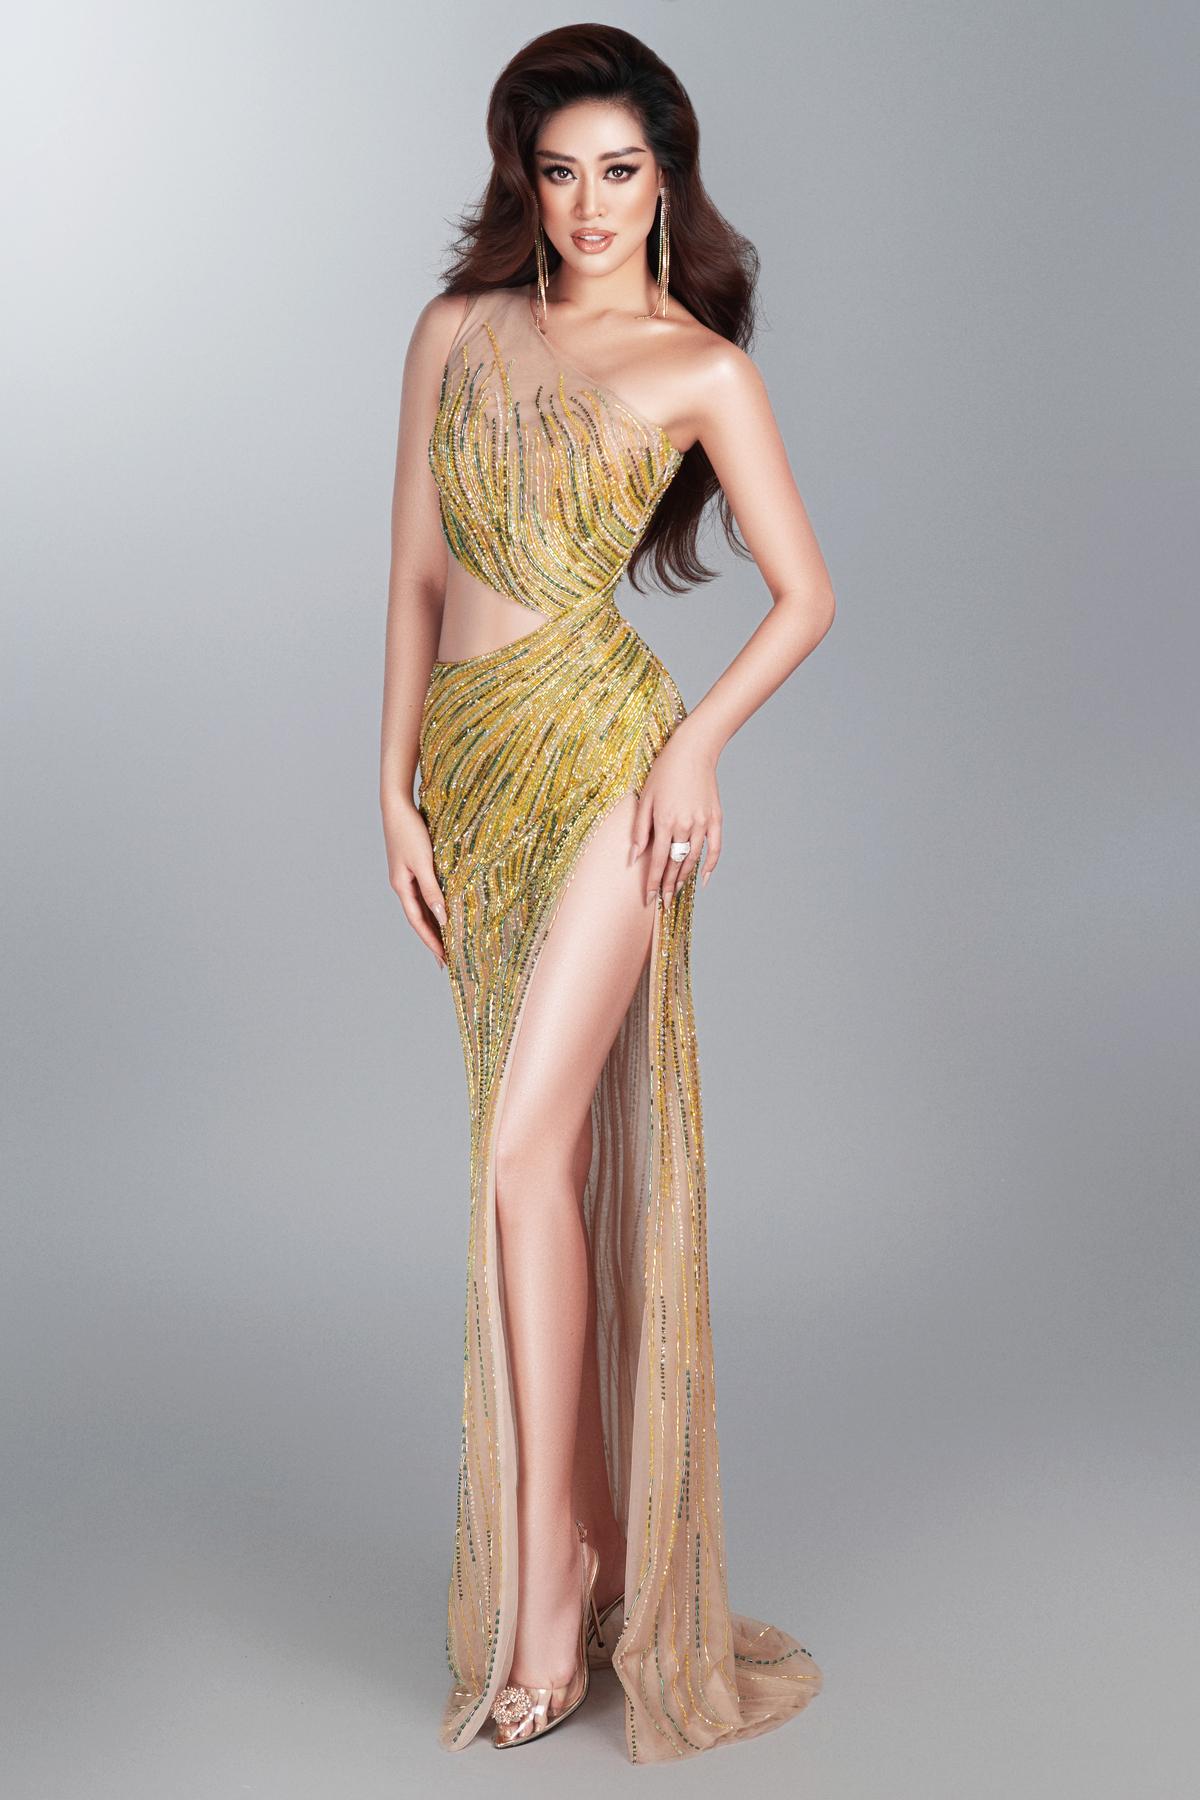 ... hay mẫu đầm dạ hội của NTK Võ Thanh Can. Tuy nhiên trong các hoạt động của cuộc thi, Khánh Vân đều không diện những mẫu váy này.